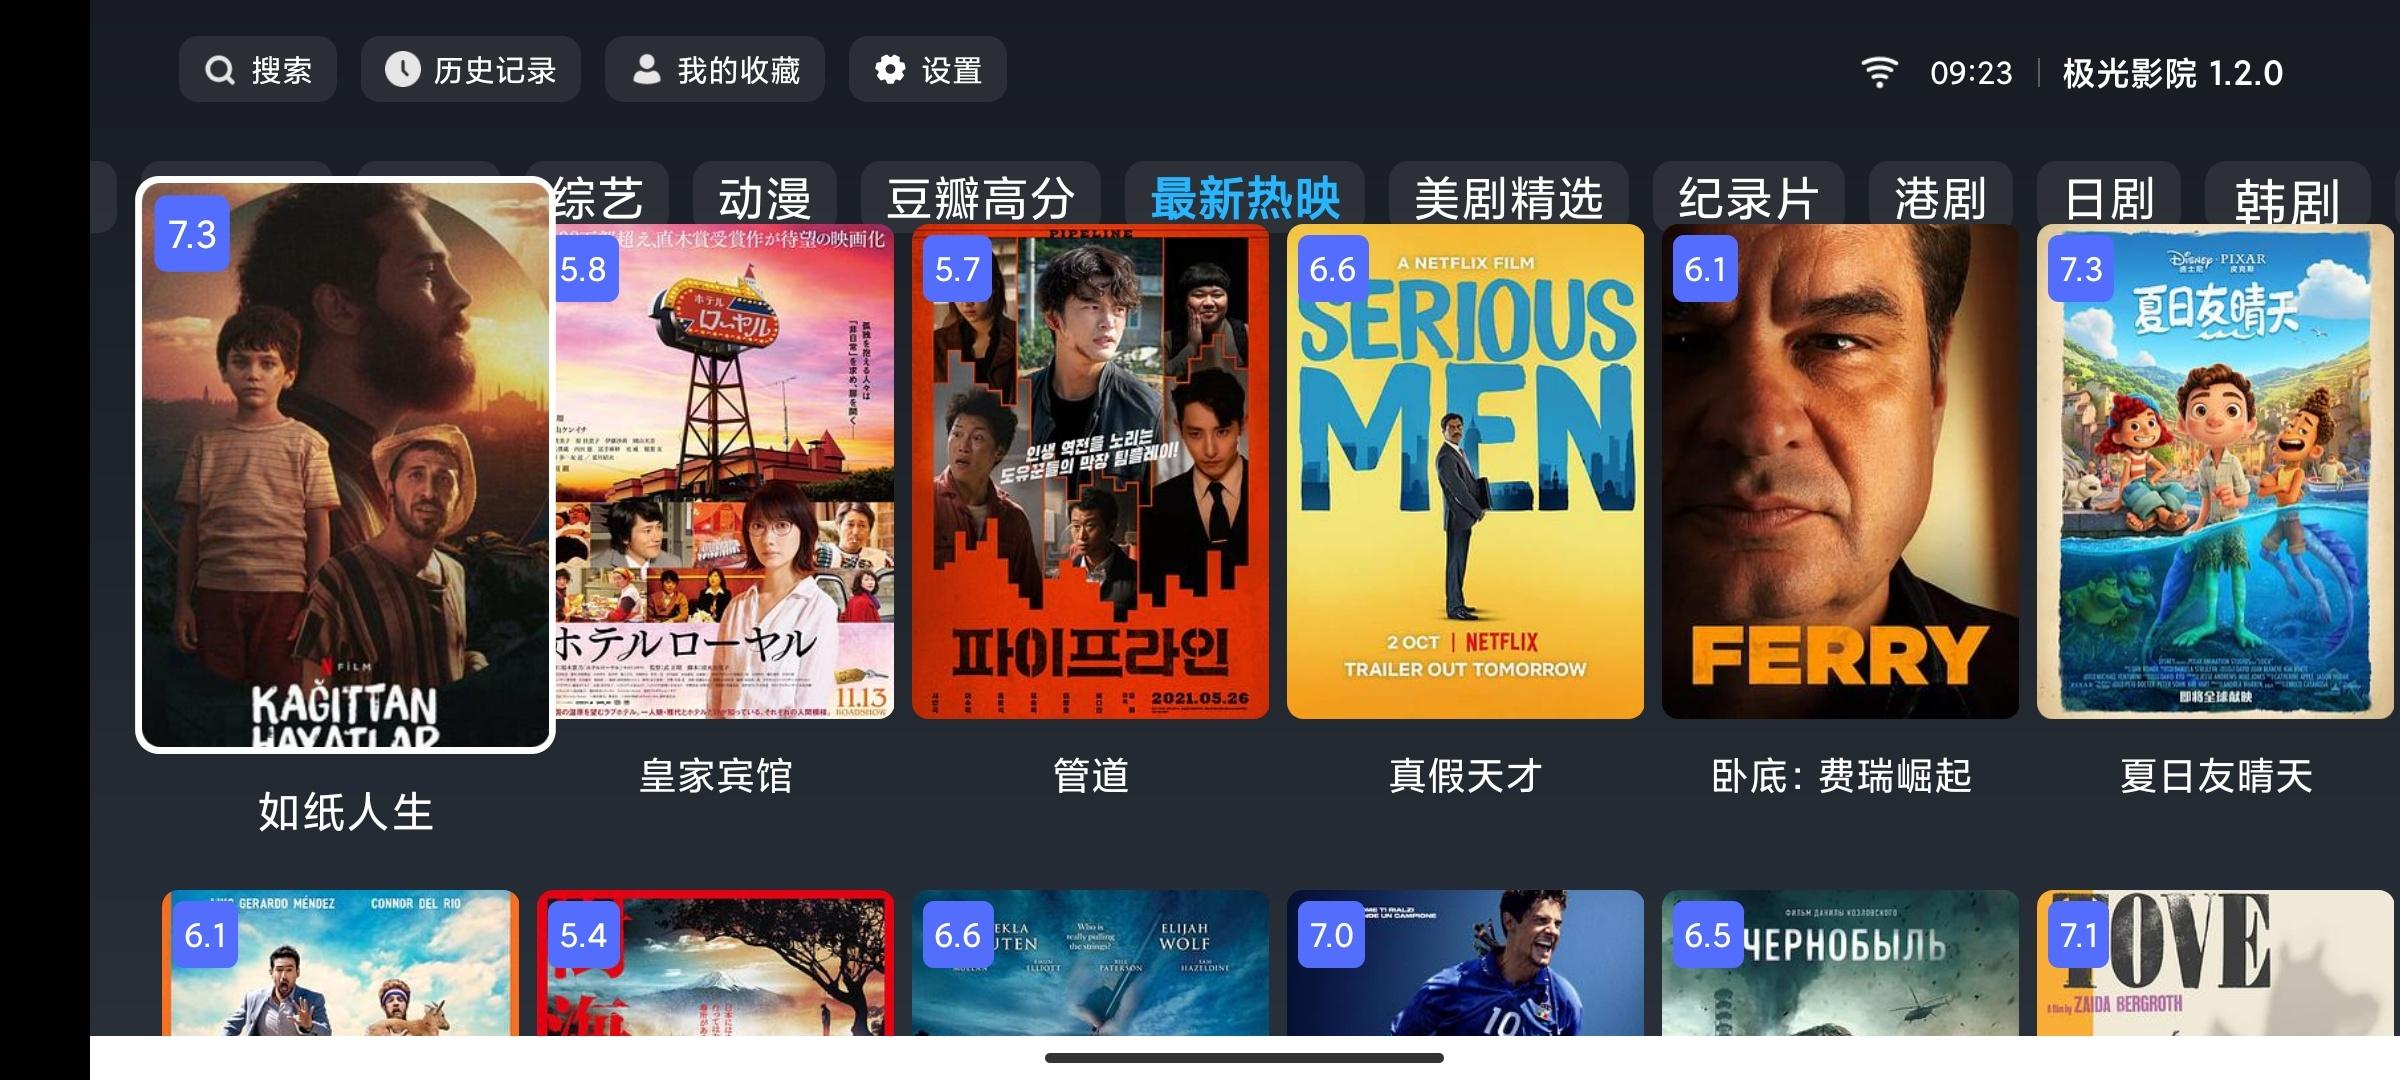 软件推荐[TV] 极光影院TV v1.2去广告版 资源多画质好